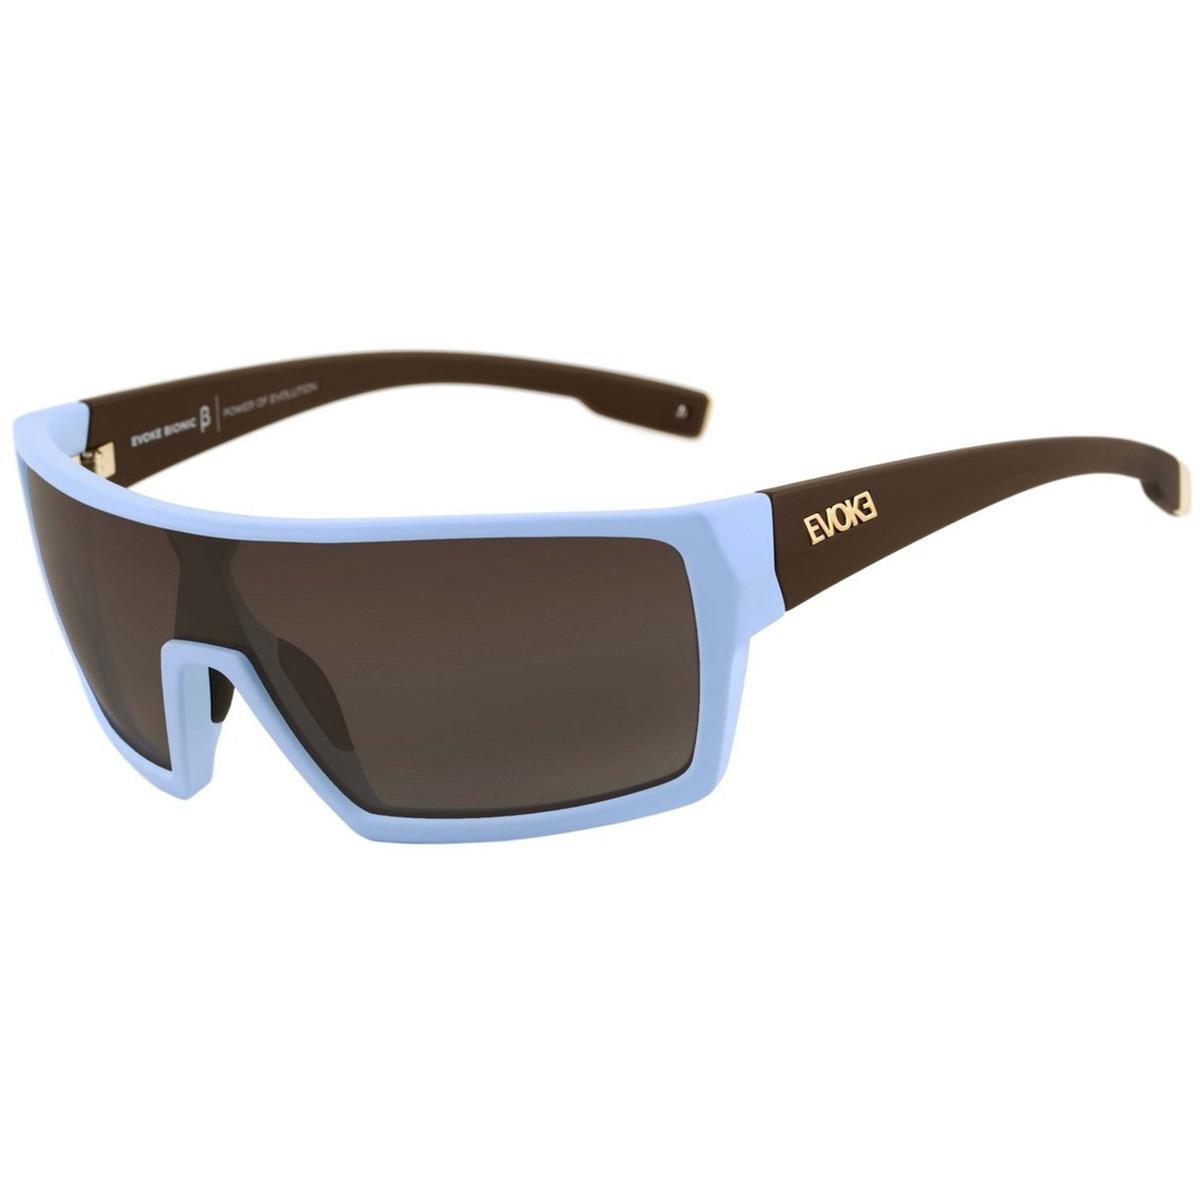 c870c8fb34d33 oculos sol evoke bionic beta azul temple marrom gold degrade. Carregando  zoom.